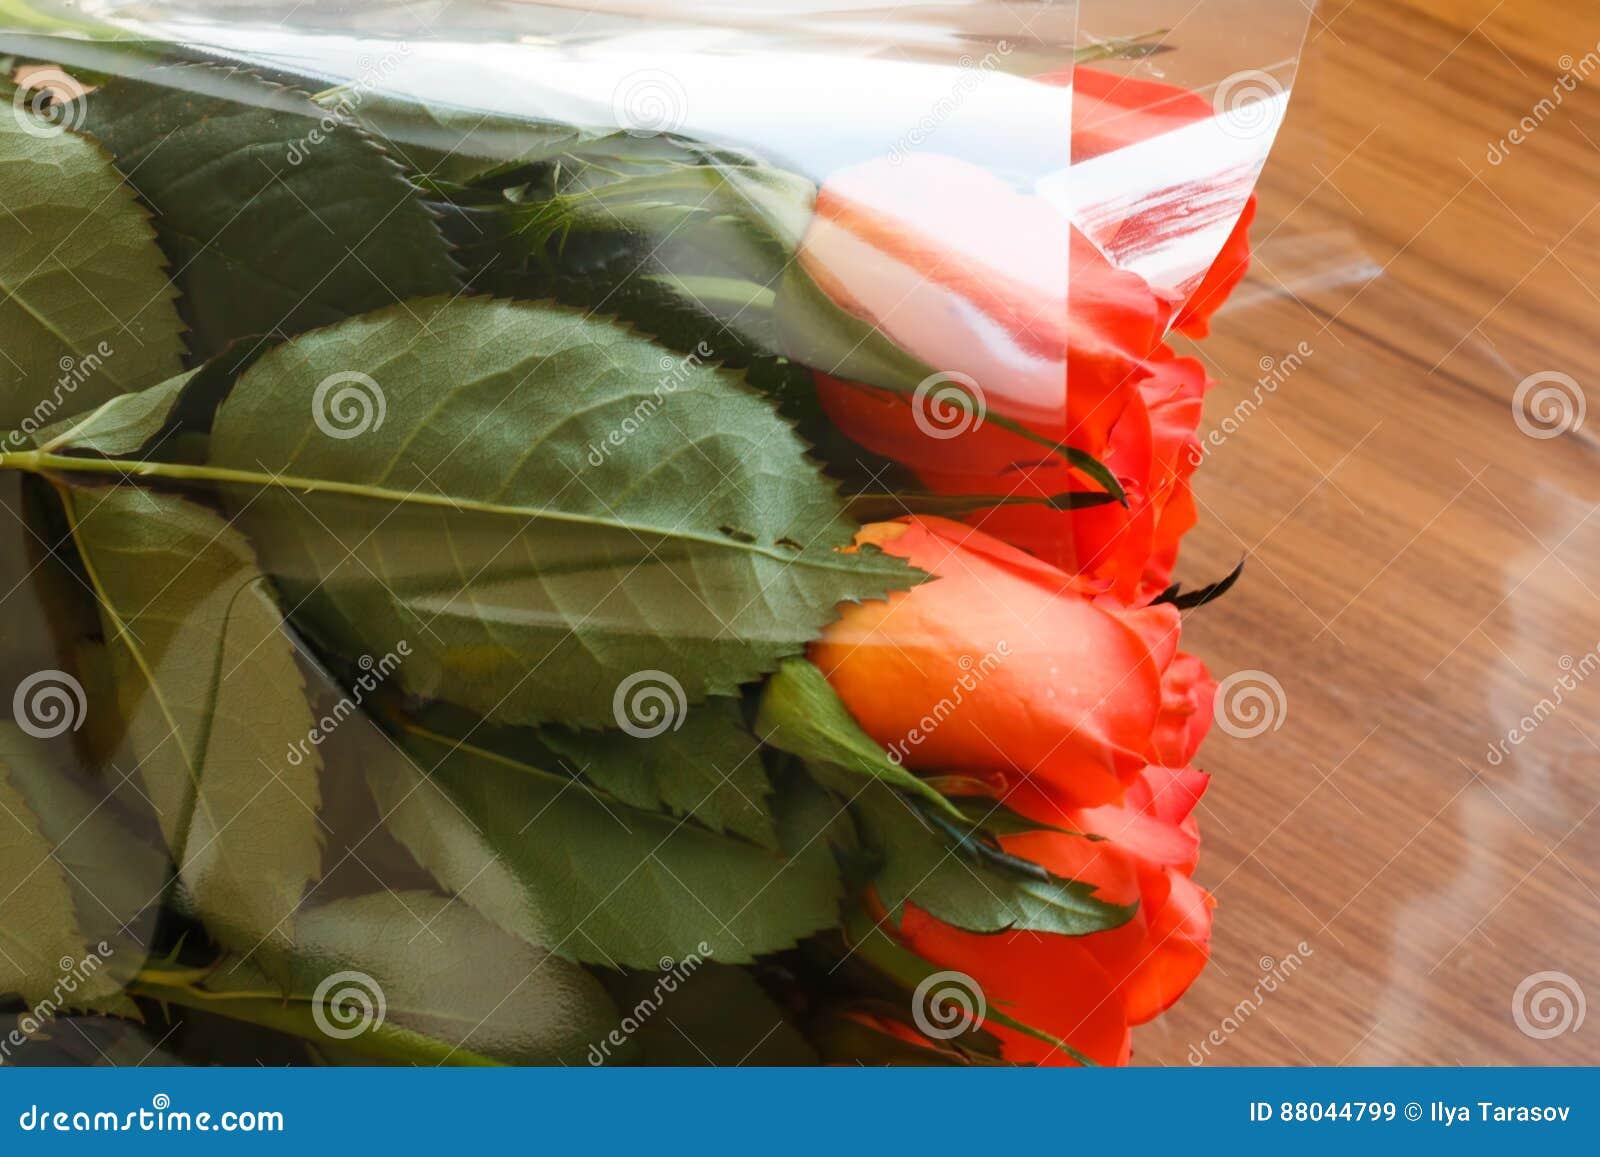 Цветов дзержинском букет на стол из роз